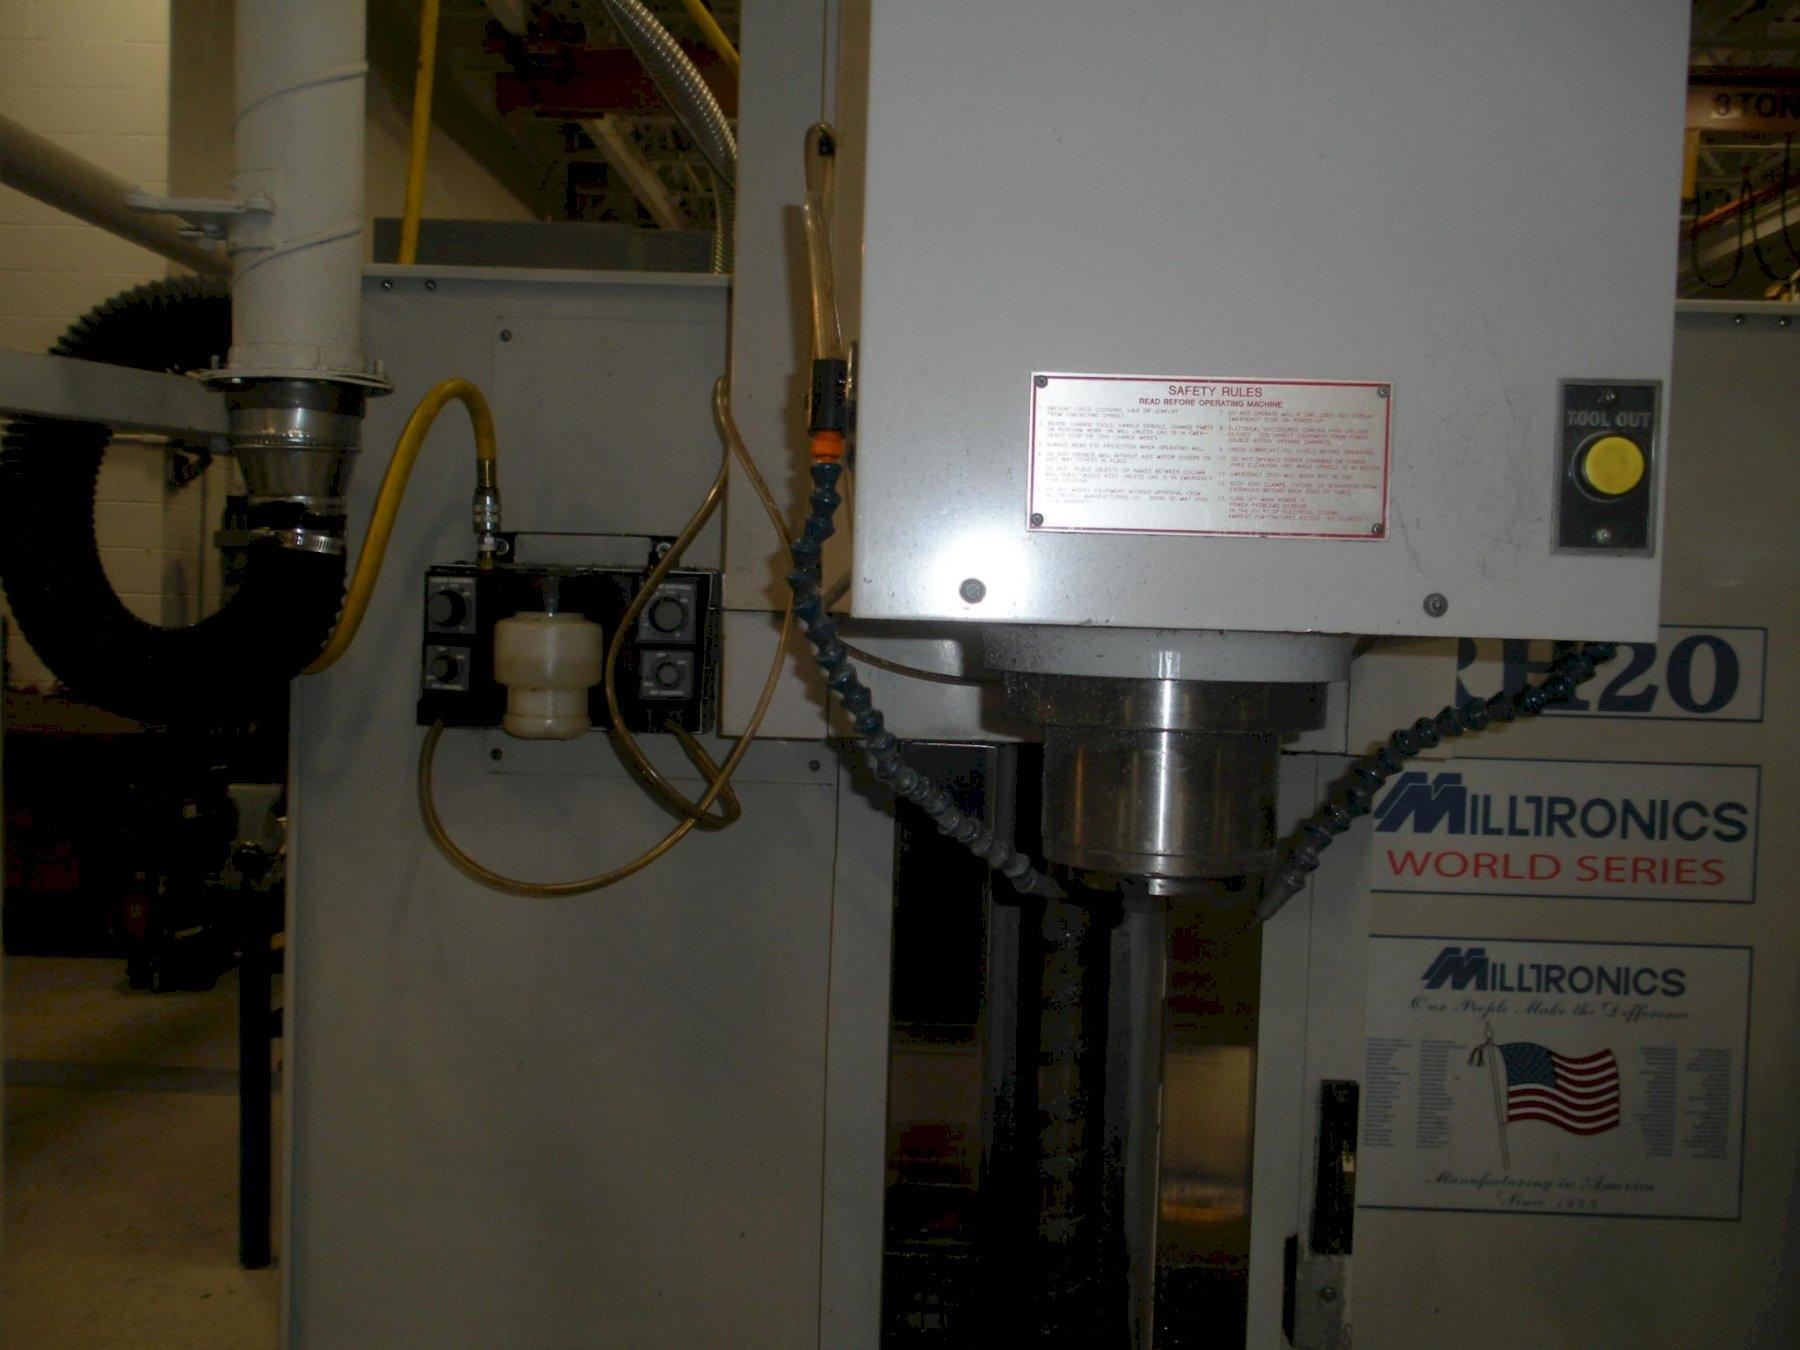 Milltronics Model RH20 CNC 3-Axis Rigid Head Bed Mill, New 2004.